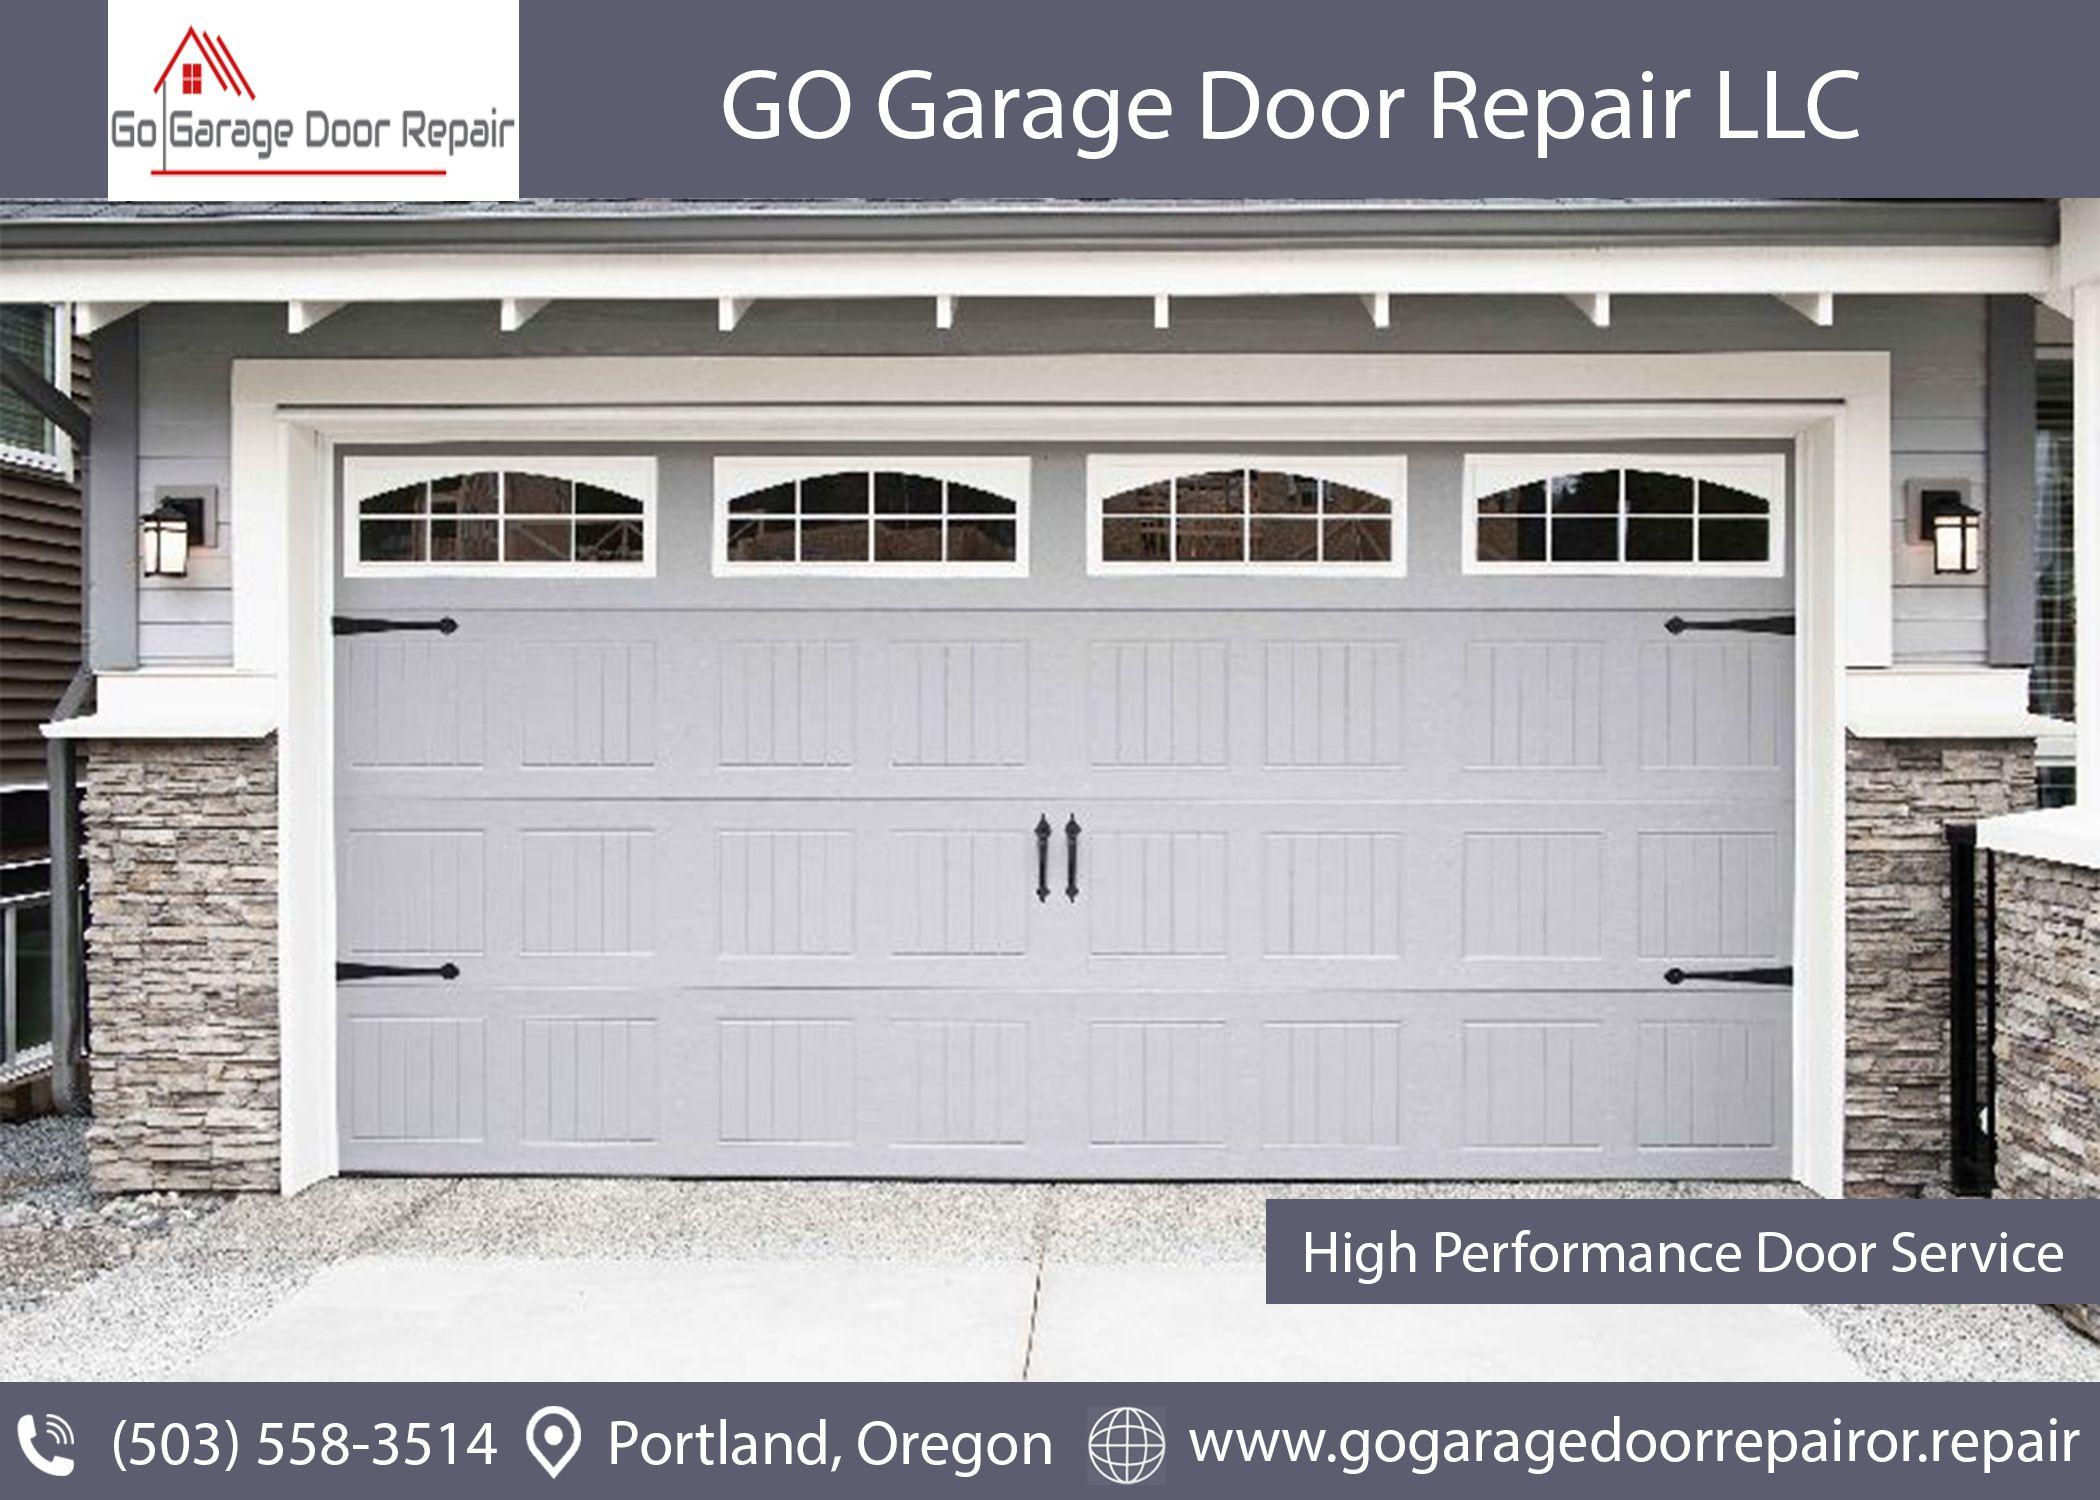 Garage Door Opener Installation Portland In 2020 Garage Door Design Garage Door Styles Garage Doors